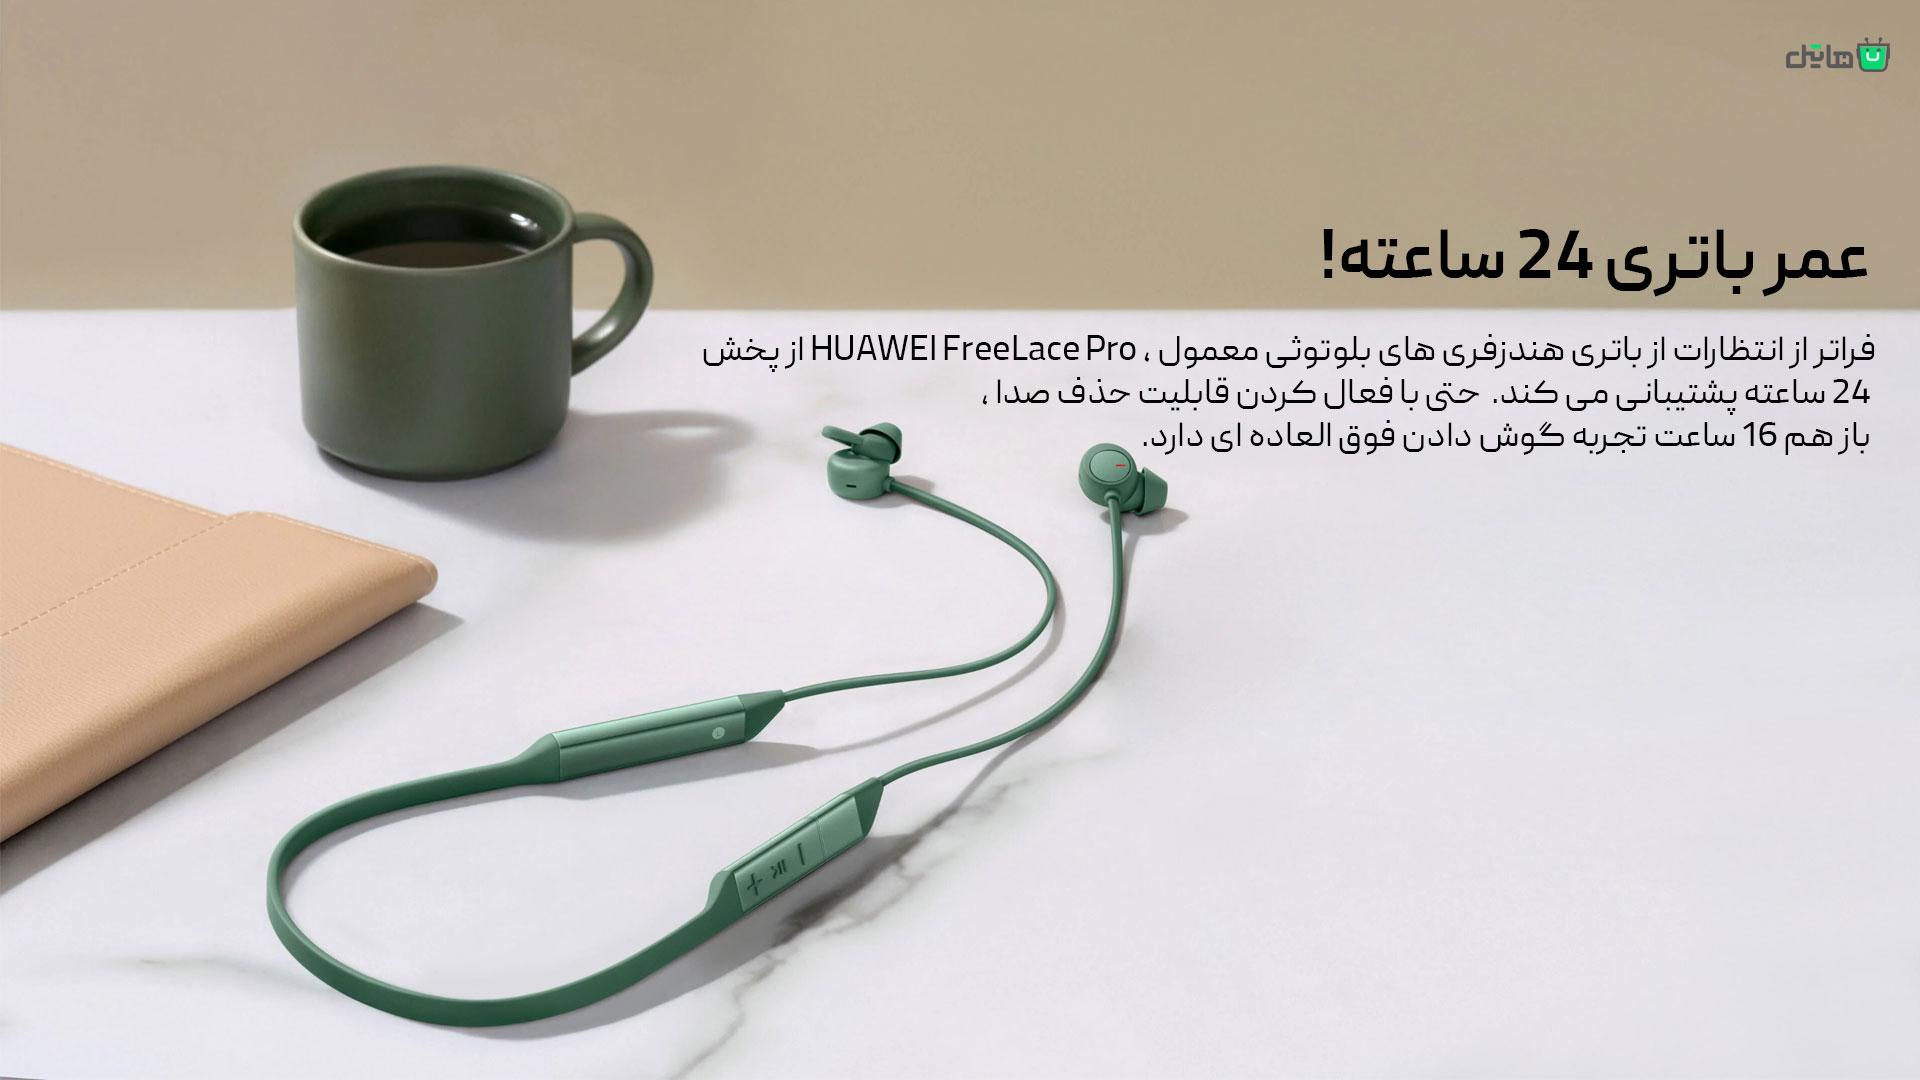 عمر باتری هندزفری بی سیم هواوی Huawei FreeLace Pro